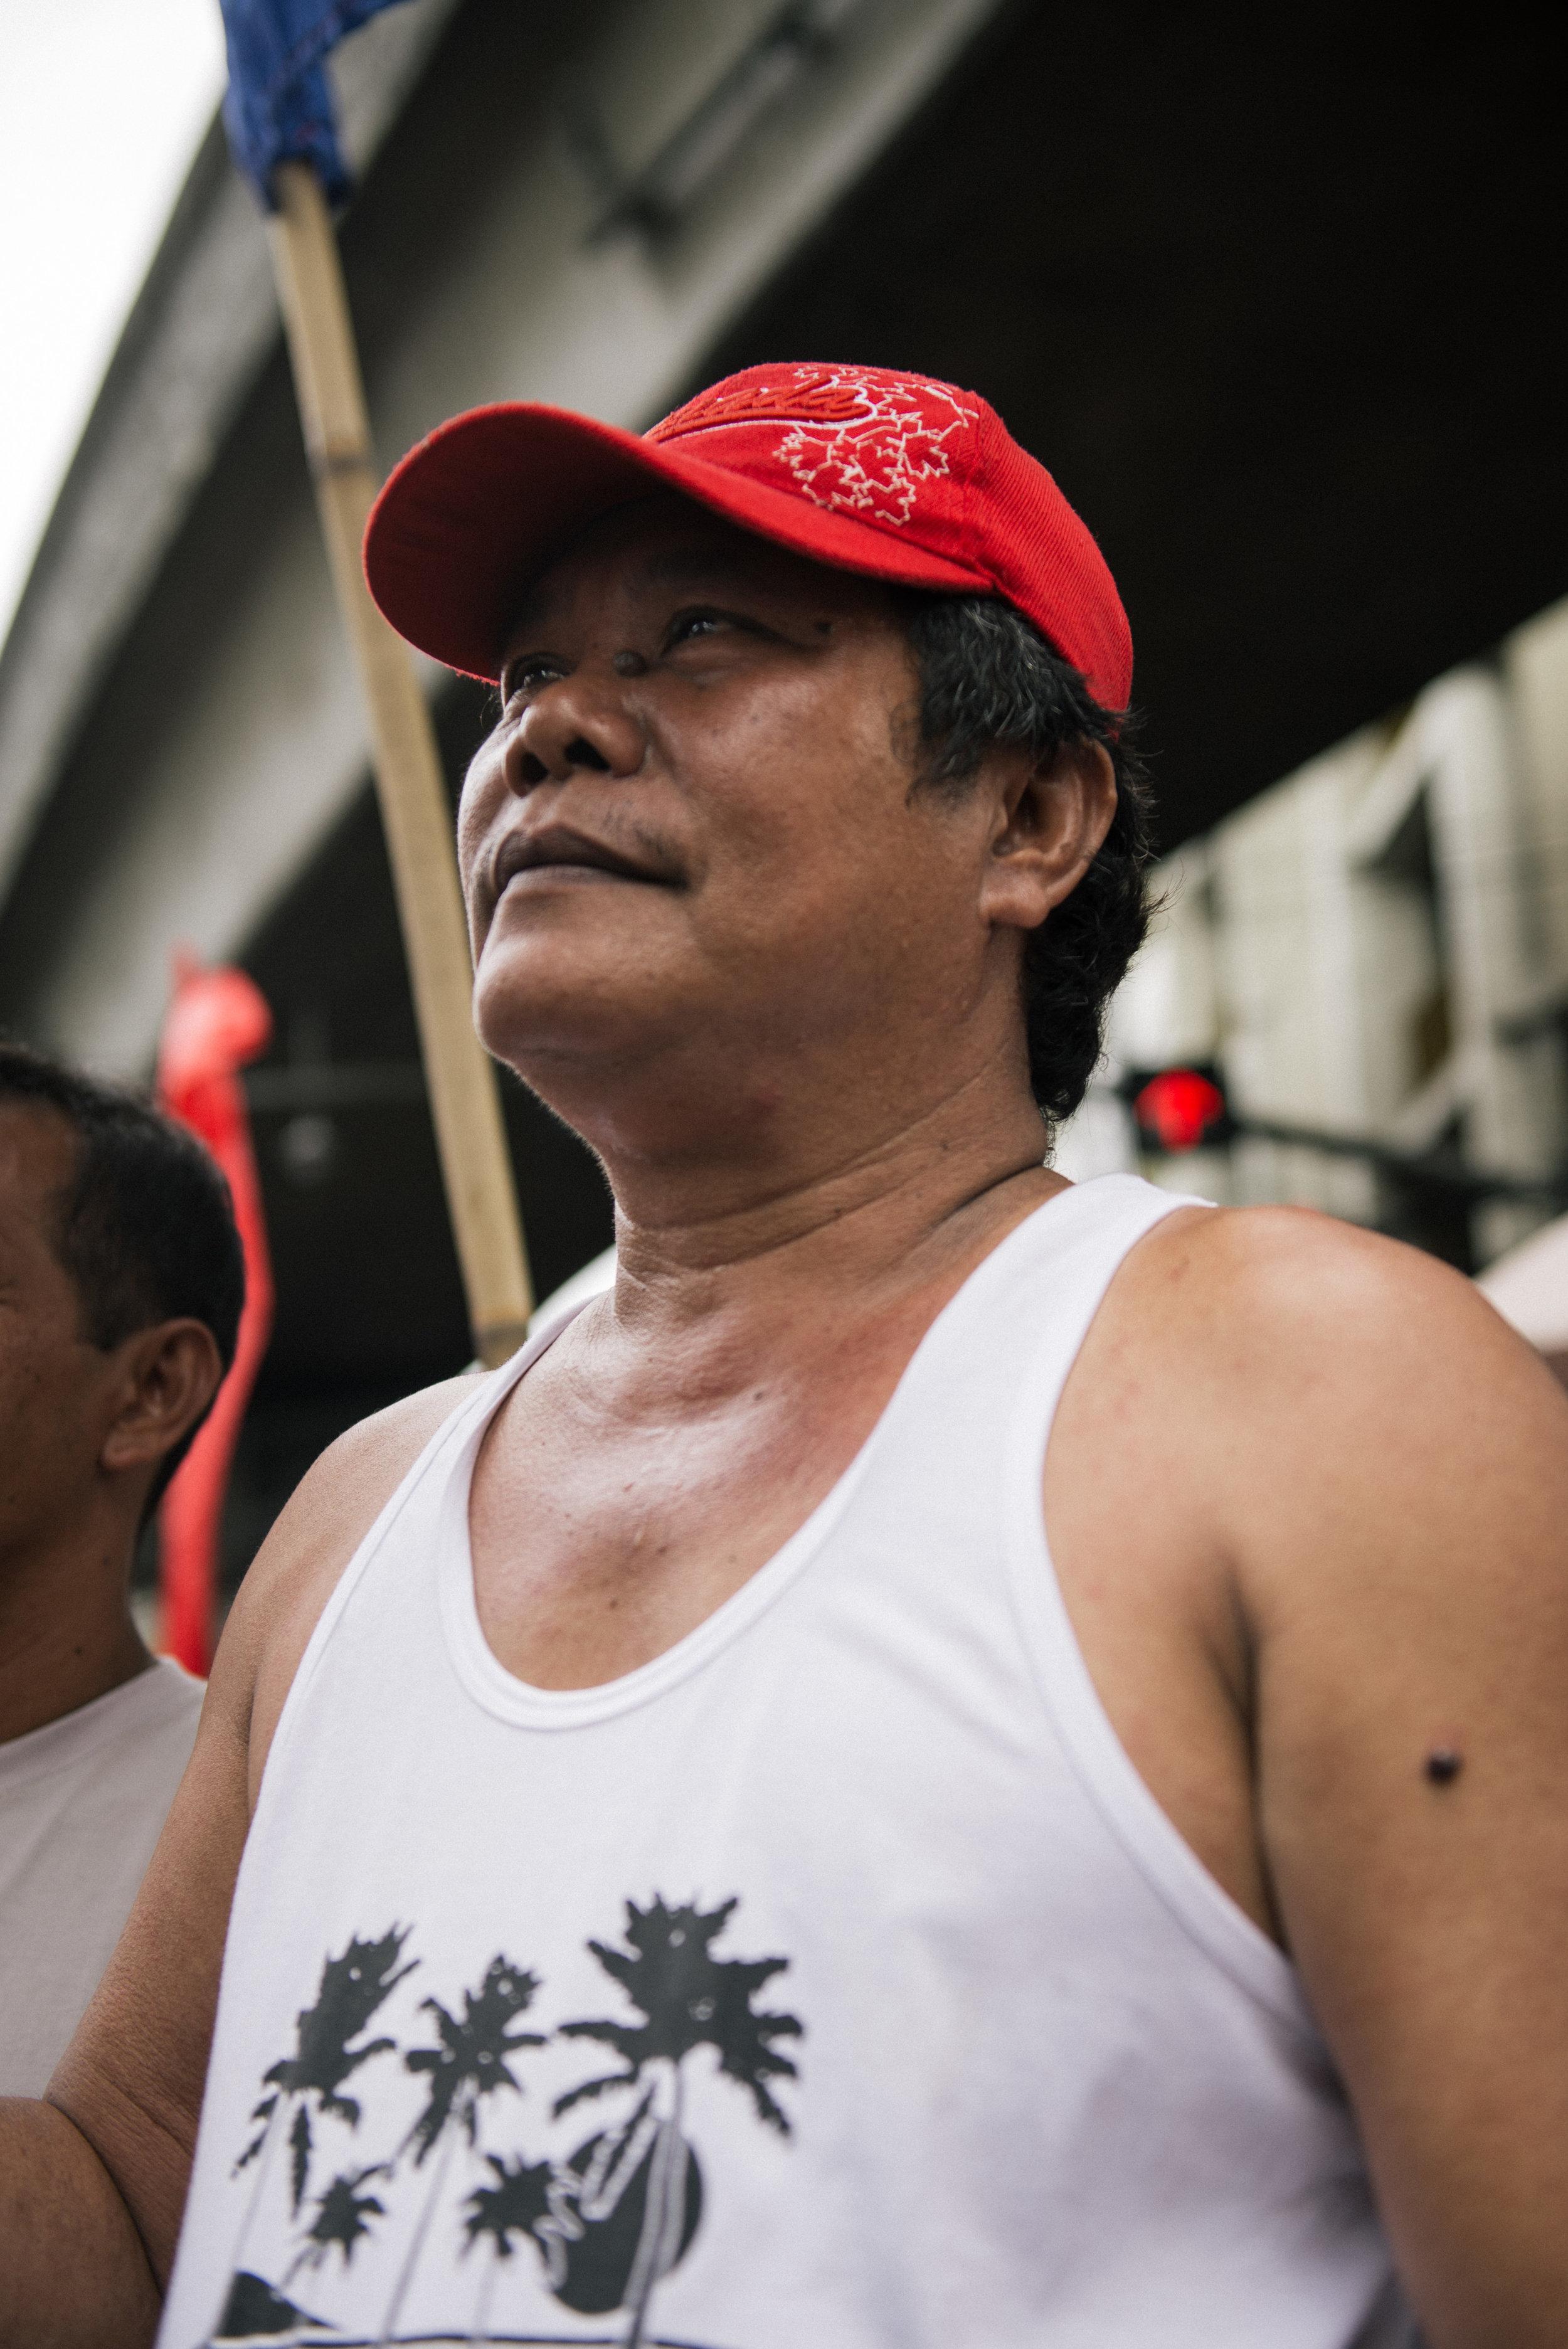 """Celso, 51.   Tatlumpu't tatlong taon nang jeepney driver.  Biyaheng Guadalupe – Guinto.    """"Pagmamaneho ng dyip ang bumuhay sa pamilya ko ngunit nitong bandang huli, medyo magulo at mawawalan kami ng pang-hanapbuhay katulad ng inuubos na ang mga luma at gagawing bago ang sasakyan. Tapos 35 edad pataas ay hindi na raw puwedeng magmaneho. Paano na kaming 50+ na, malakas pa maghanapbuhay, malakas pa magmaneho? Hindi na pala kami pwedeng maghanapbuhay?""""    """"Malaki ang epekto sa amin ng jeepney phase-out. Tulad ng ginagawa ng LTFRB ngayon, walang nagsisibyahe dahil takot mahuli. Sasabihin nila dalawang taon, pero yung dalawang taon ipaubaya nalang sana sa aming mga drayber at wag na kami patubusin nang malaki dahil Pilipino rin naman sila at naiintindihan nila ang kahirapan namin dito."""""""